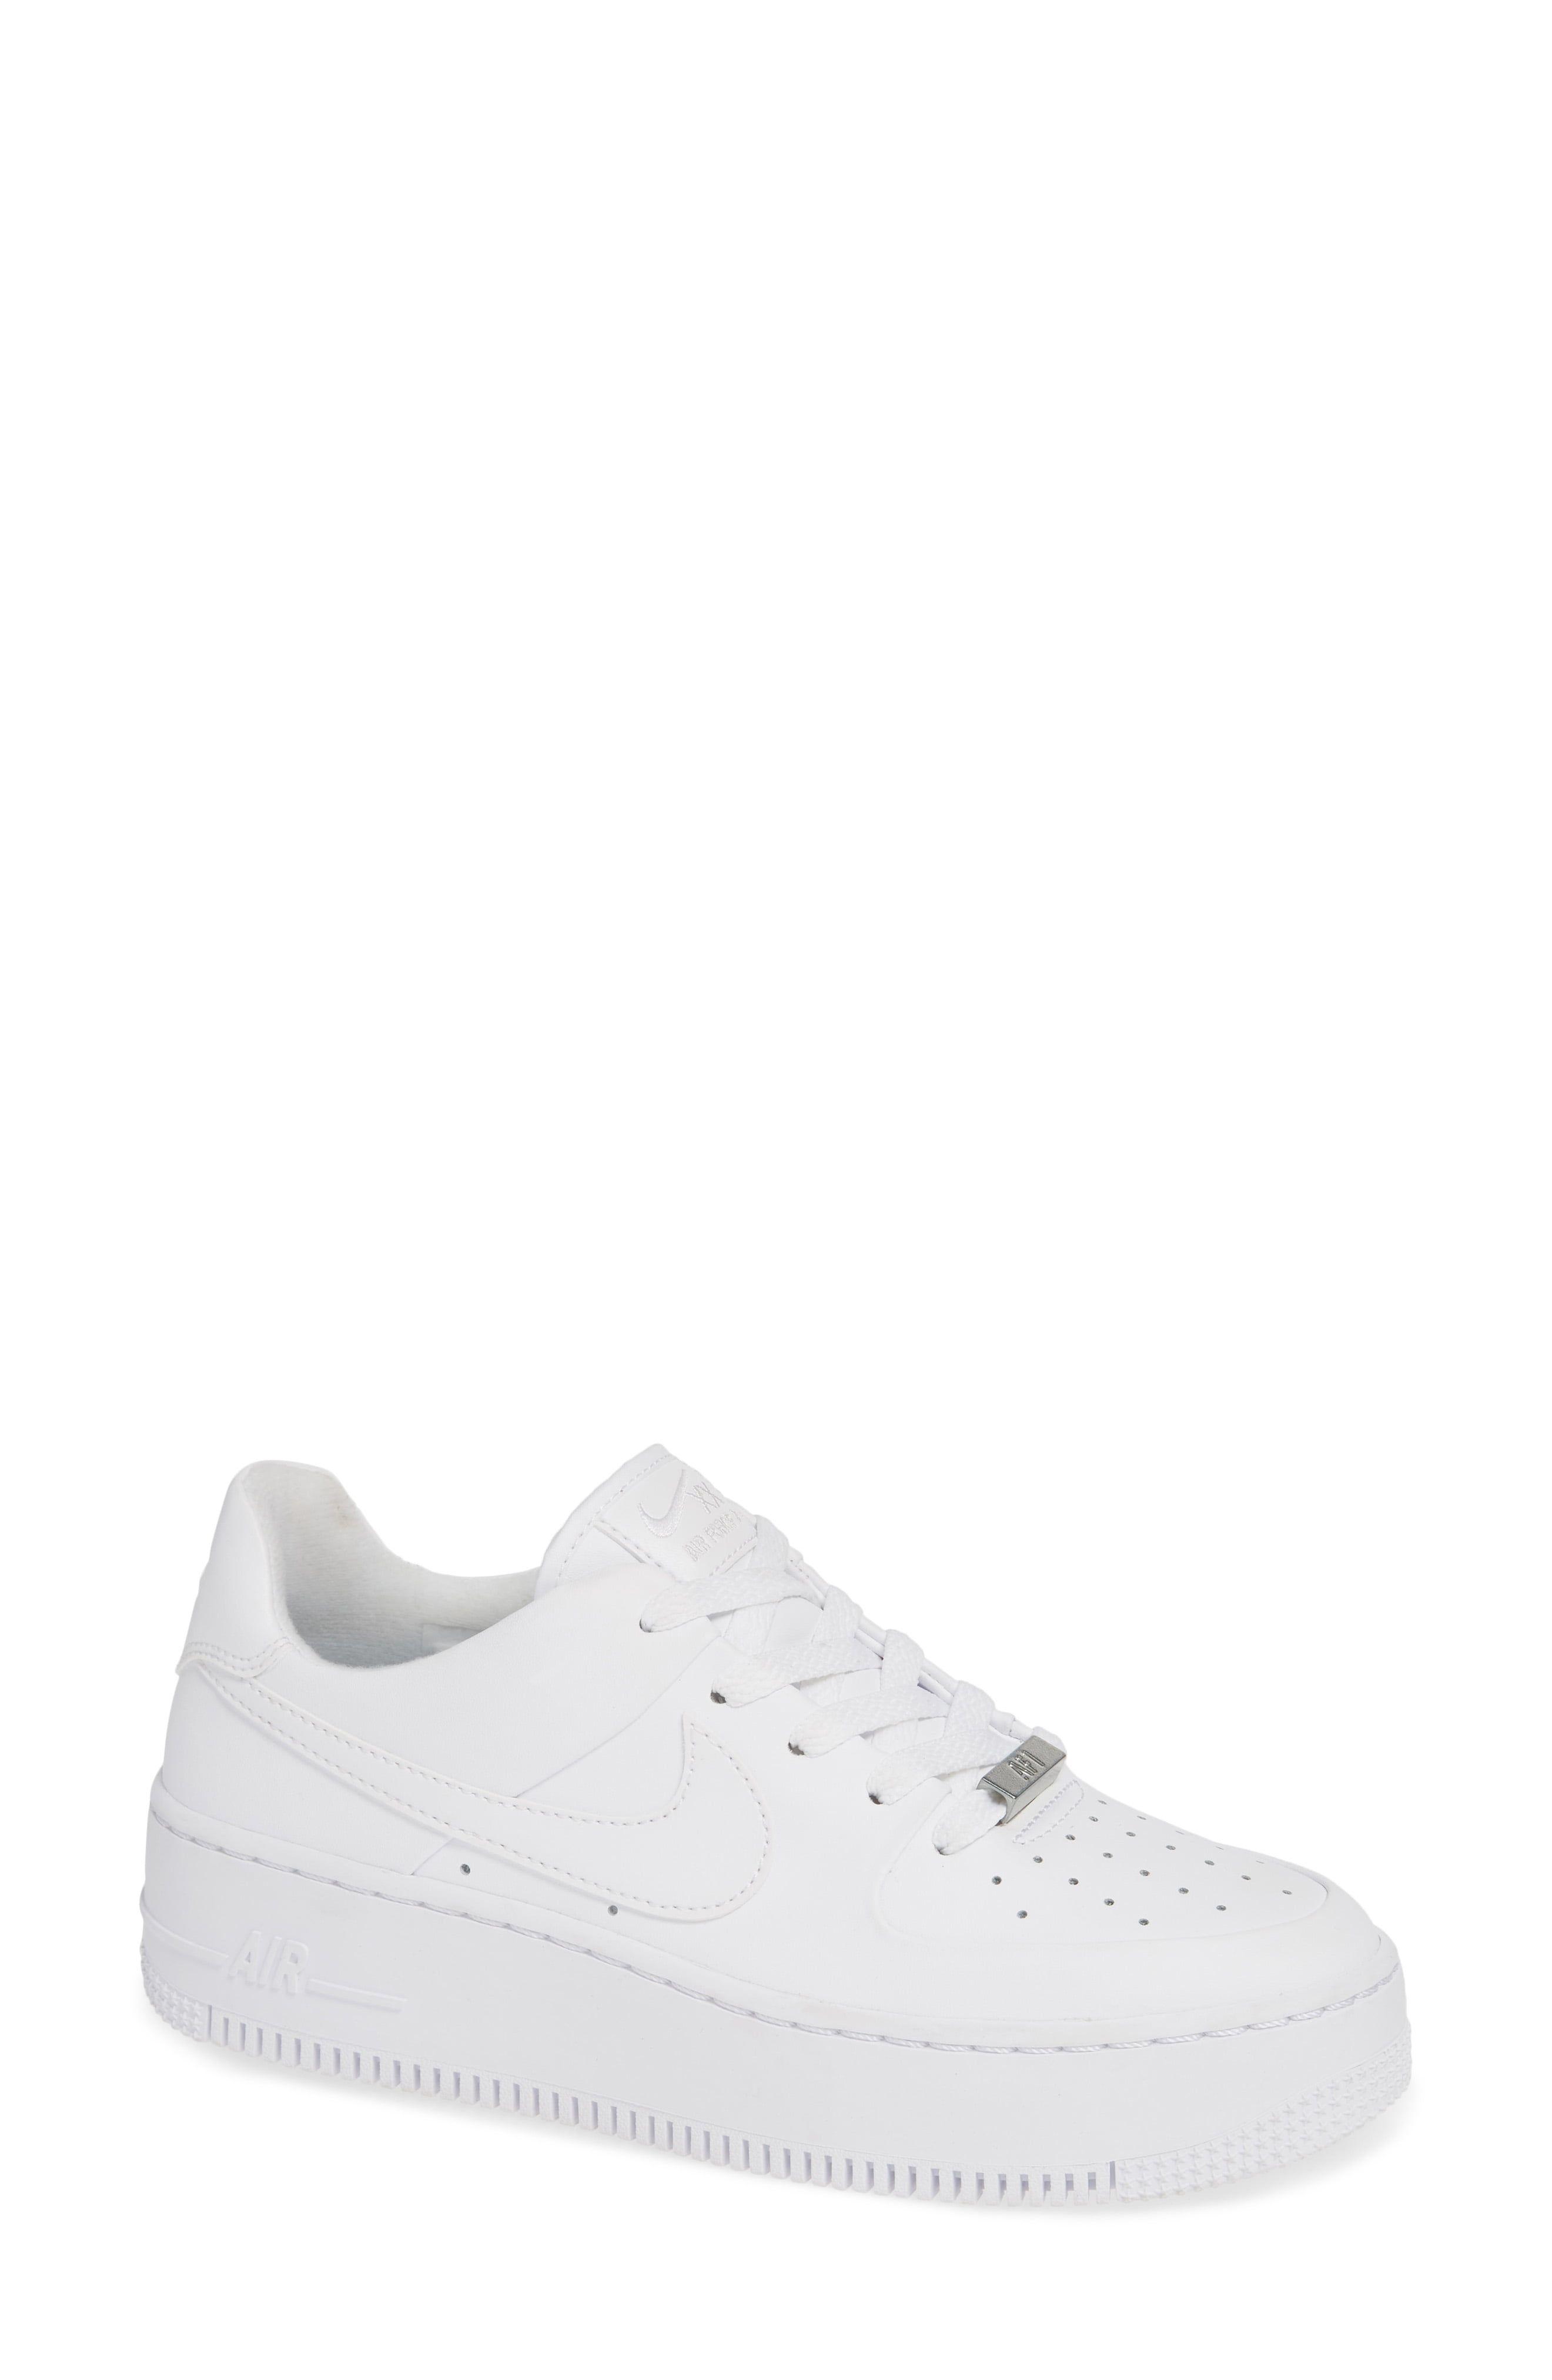 Nike Air Force 1 Sage Low Platform Sneaker (Women | Sneakers